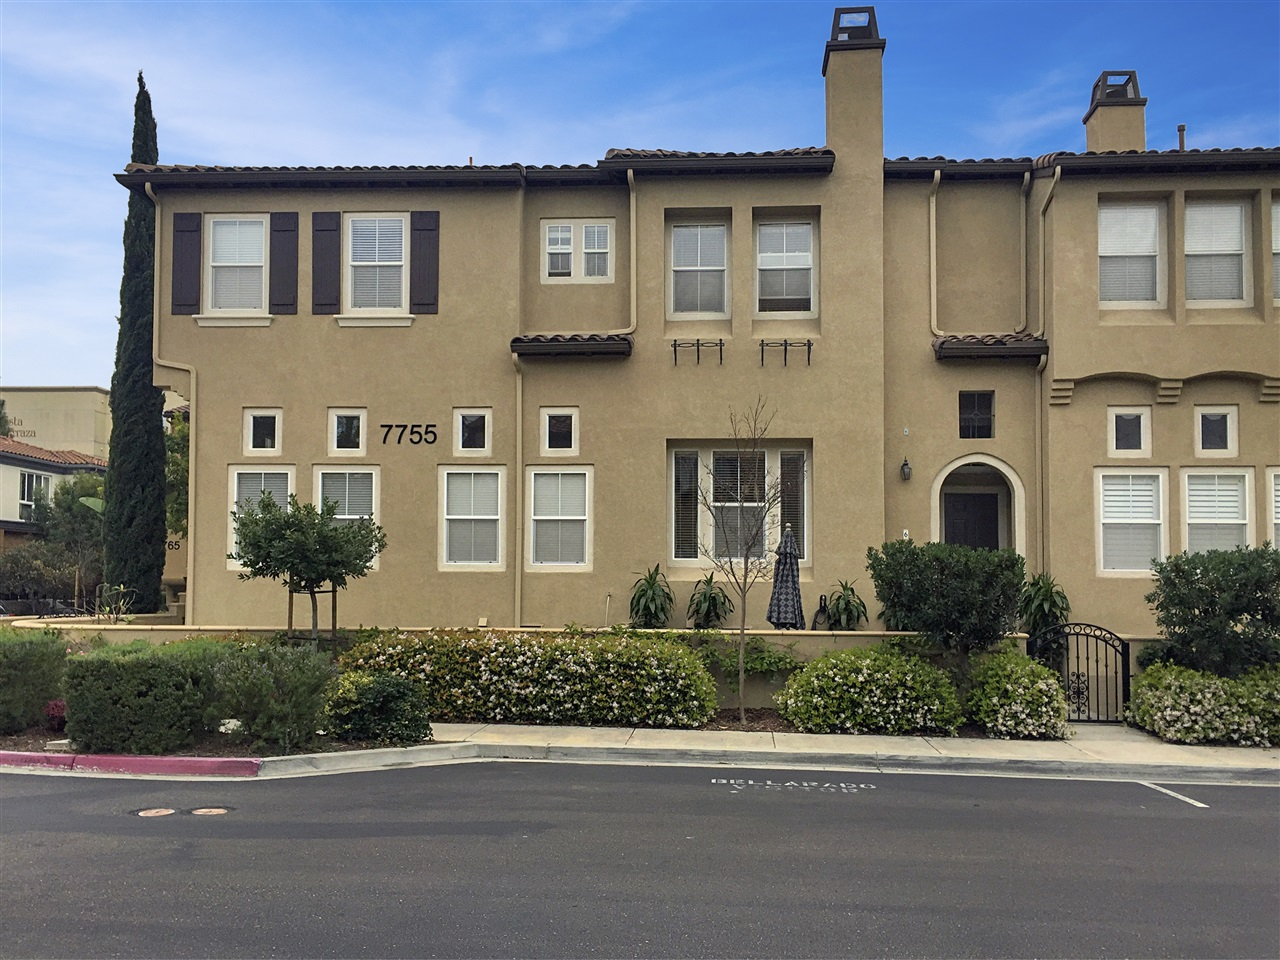 Coldwell Banker San Diego Rental Properties